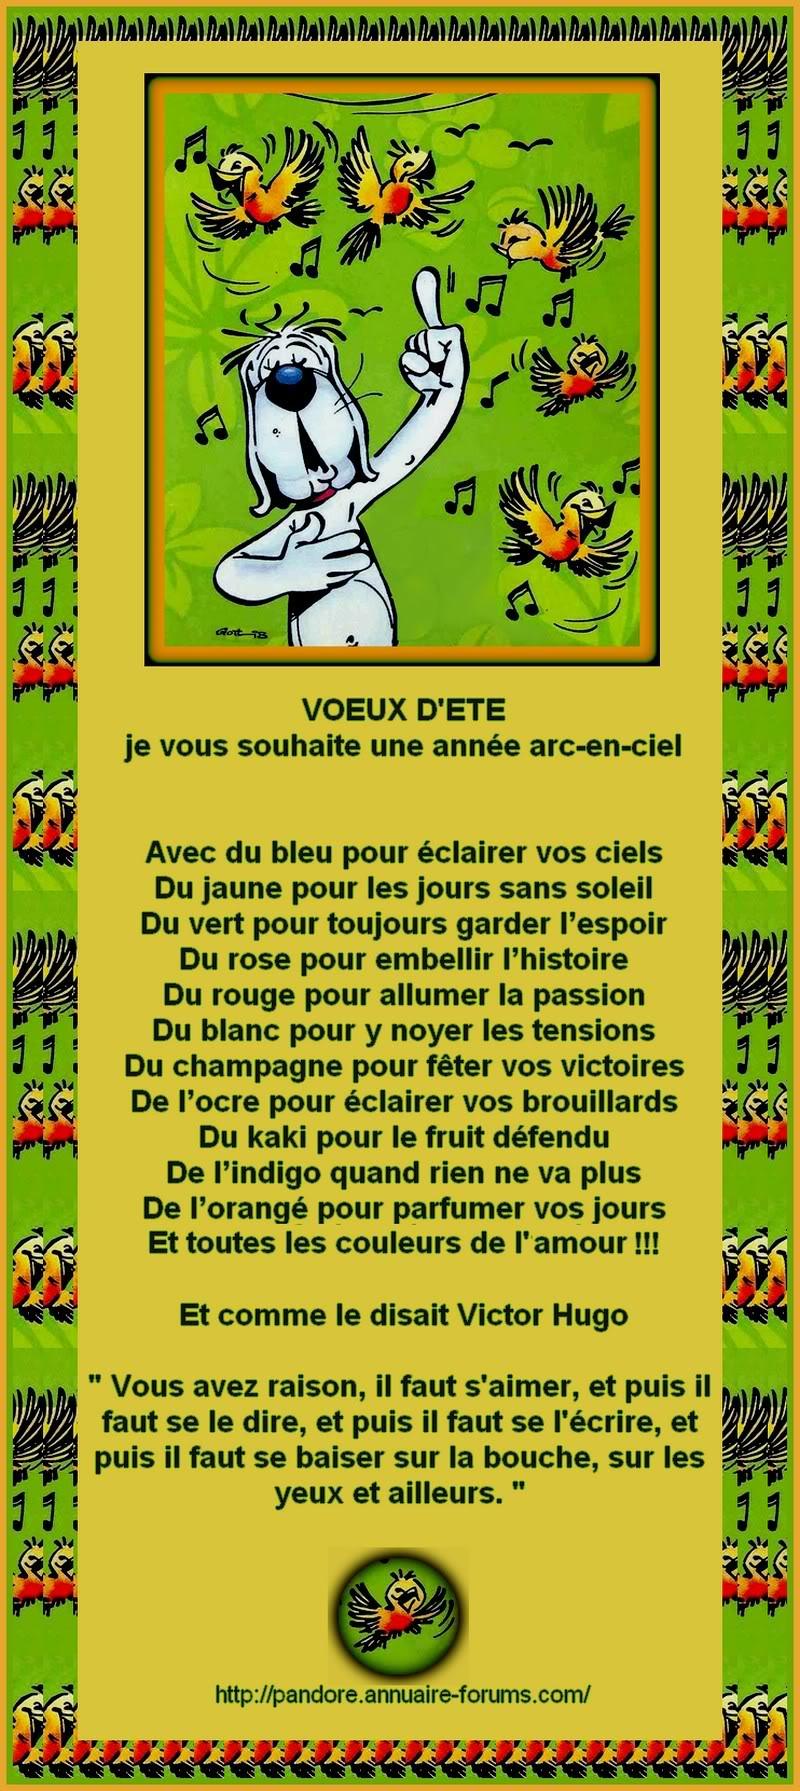 VOEUX D'ETE 0HOROSB-2